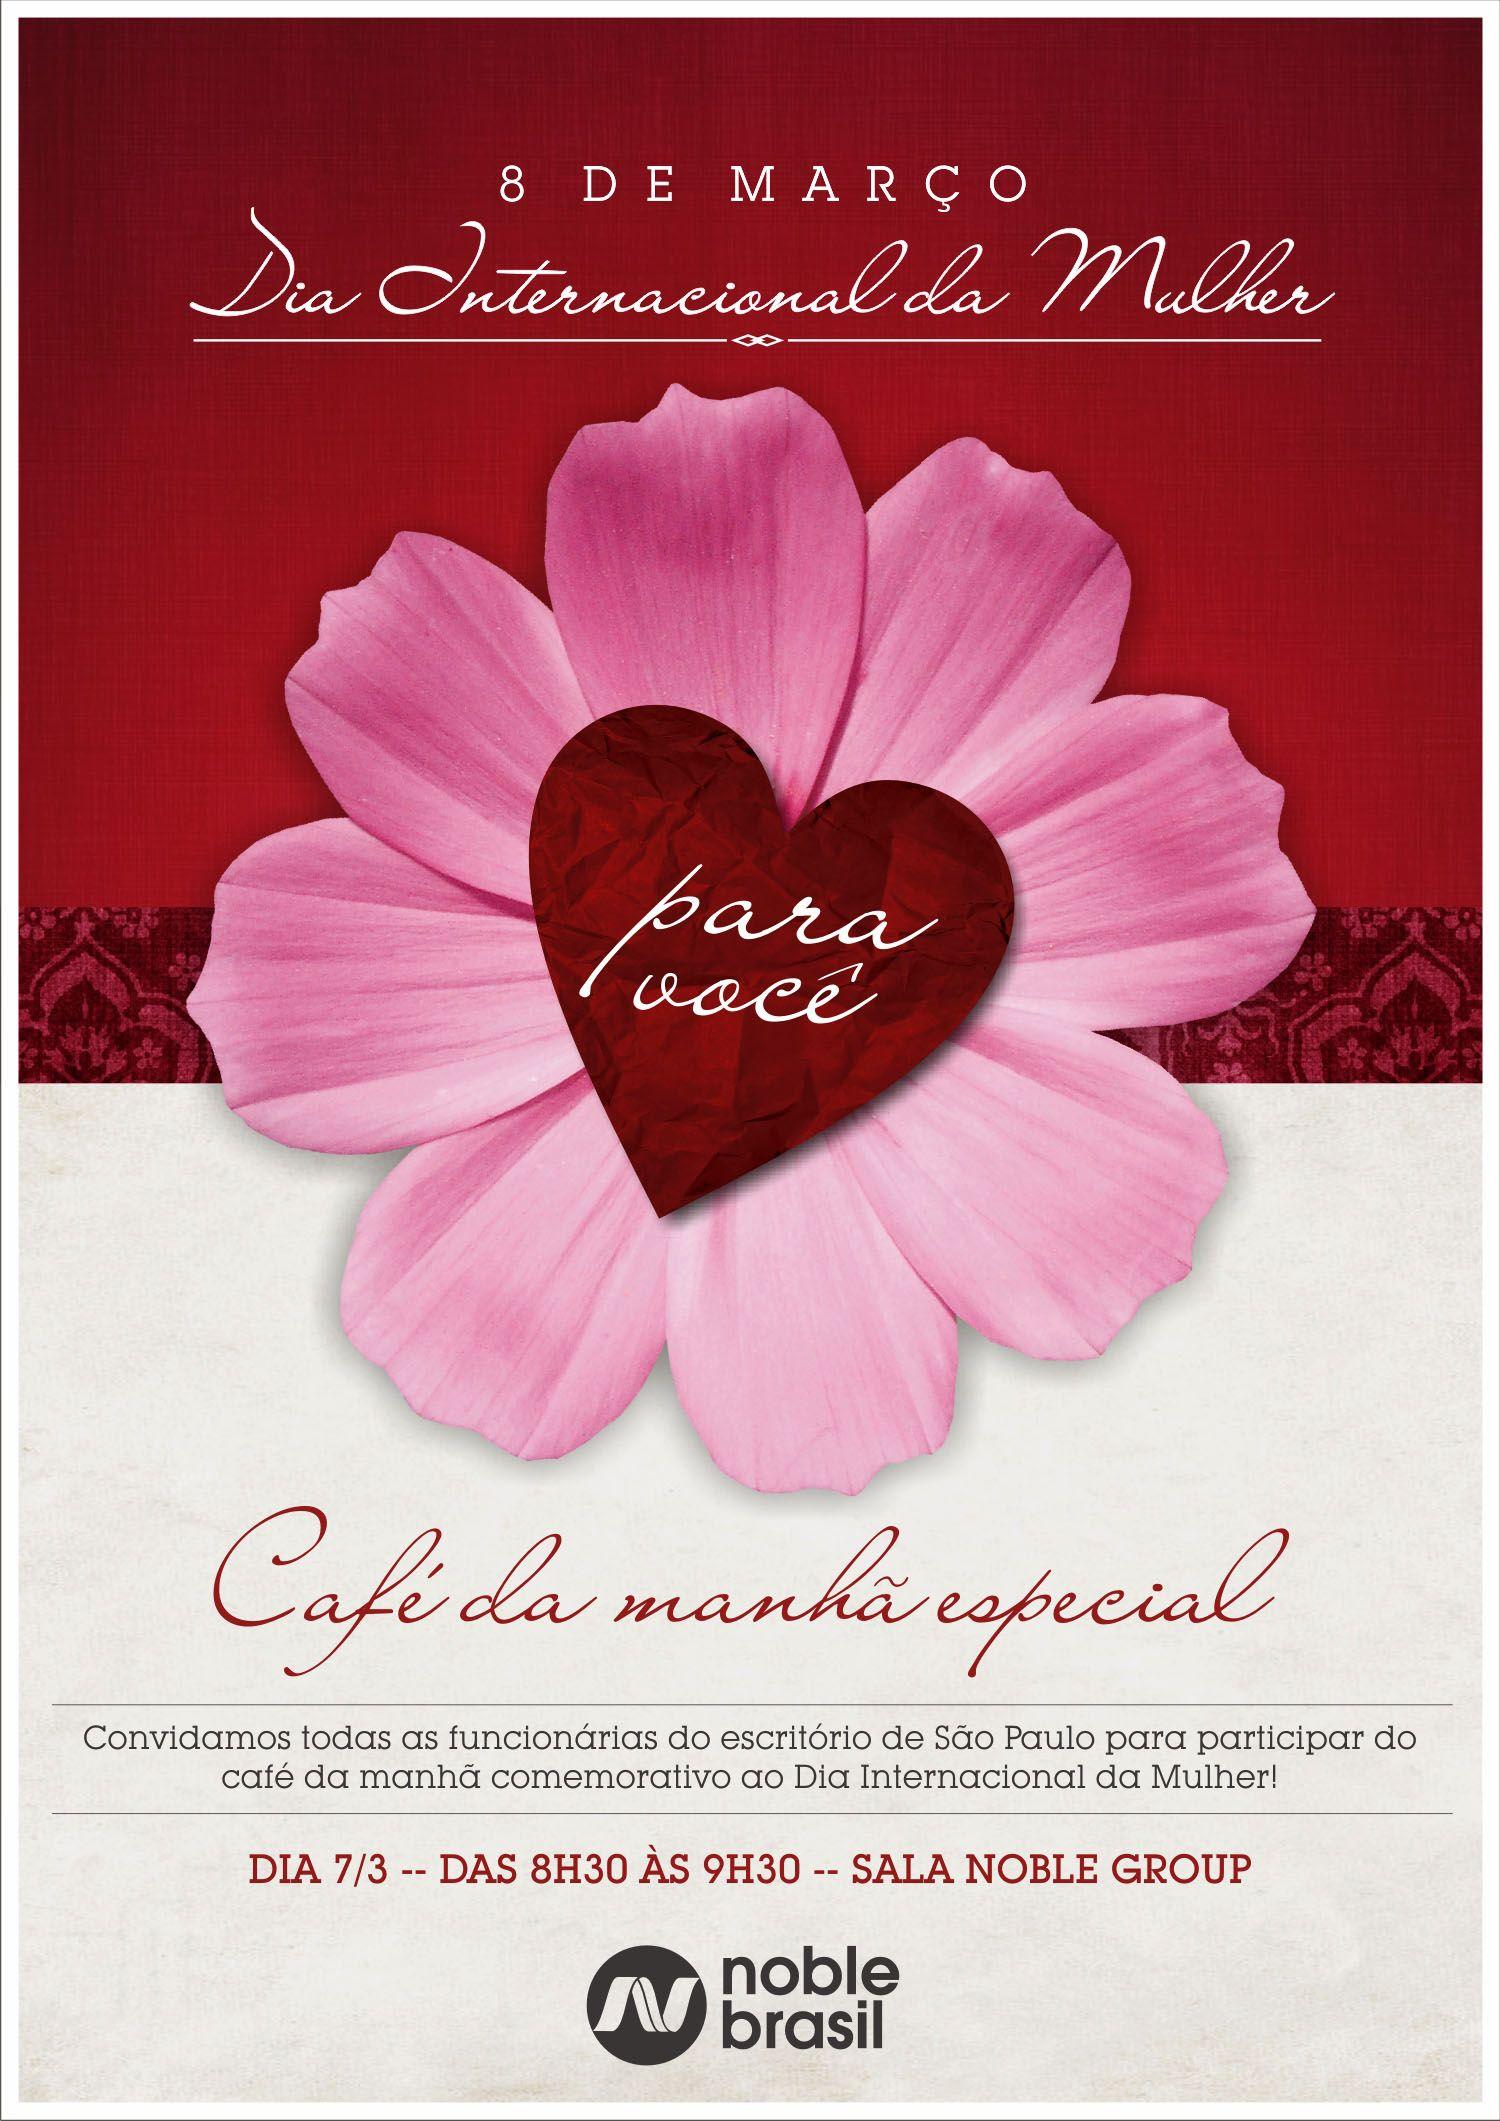 Dia Internacional da Mulher - Convite café da manhã especial